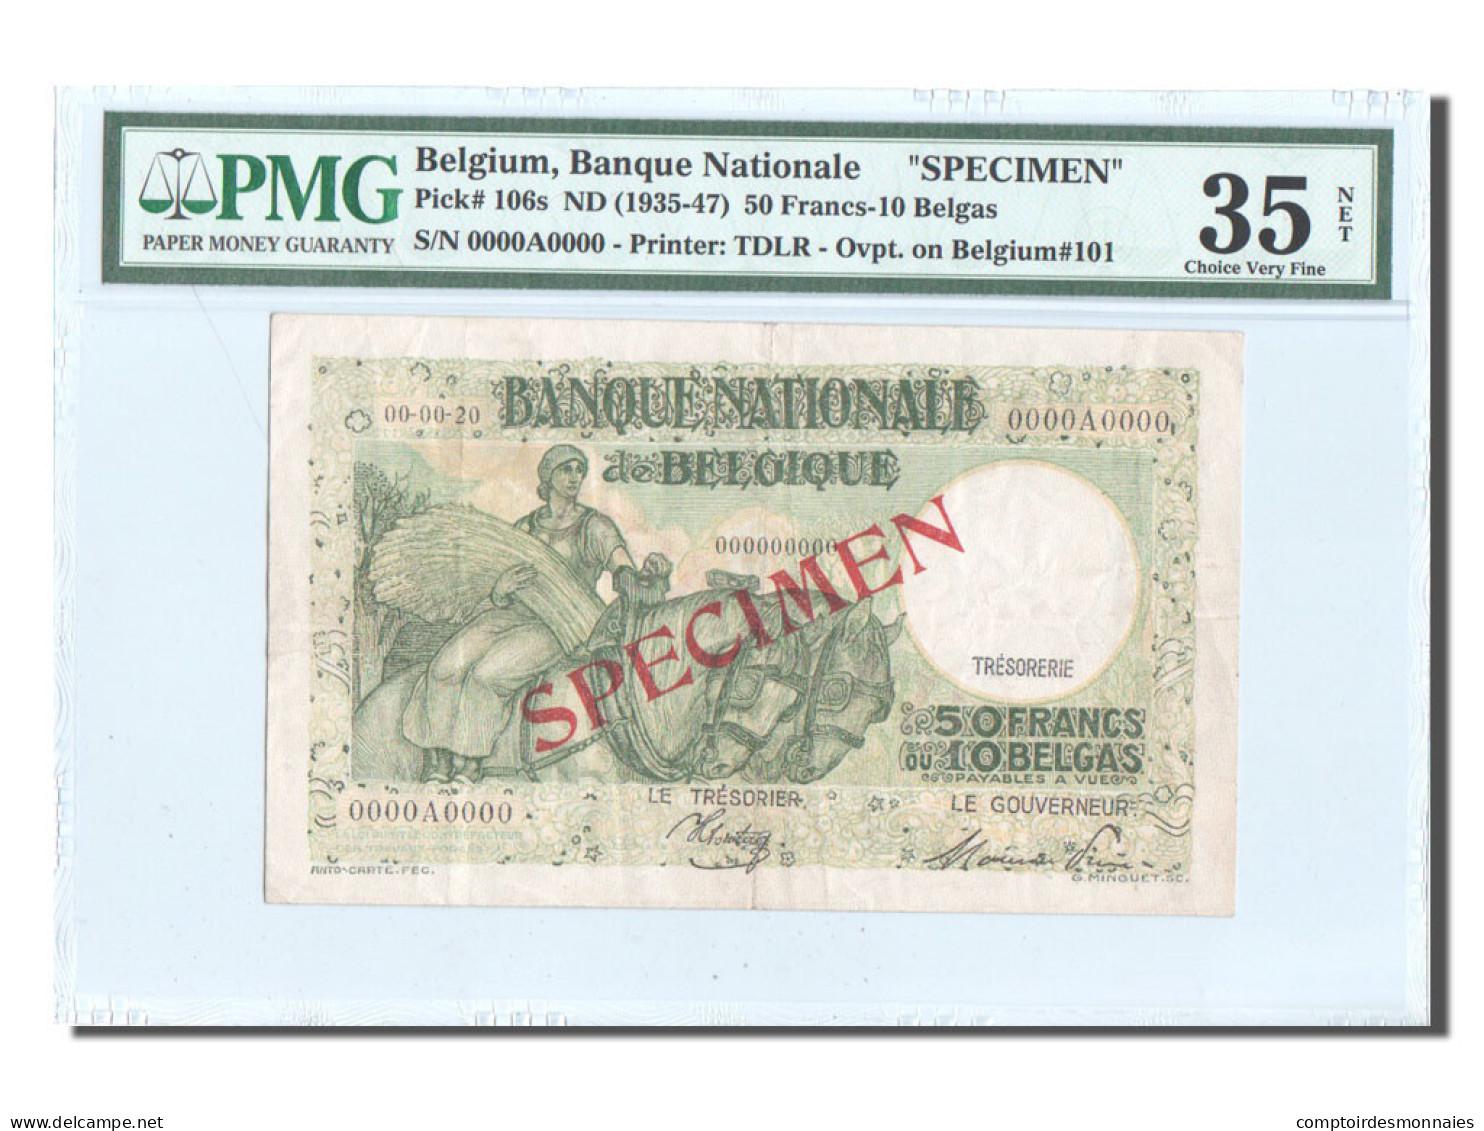 Belgique, 50 Francs-10 Belgas, SPECIMEN, KM:101, PMG Ch VF35 - [ 4] Occupation Belge De L'Allemagne